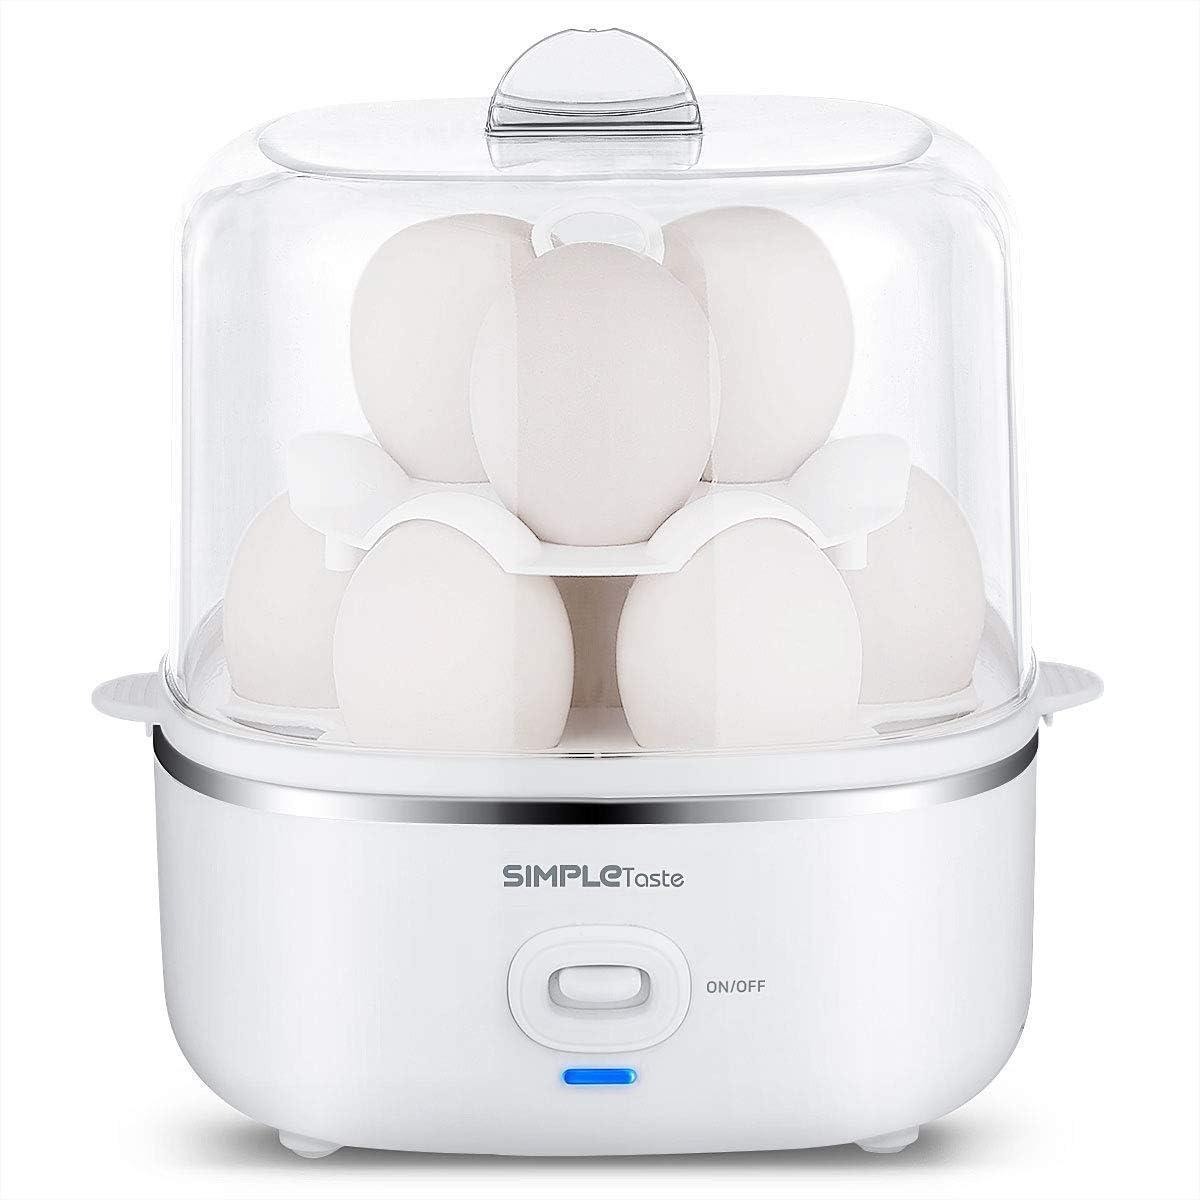 SimpleTaste Electric Hard Boiled Egg Cooker